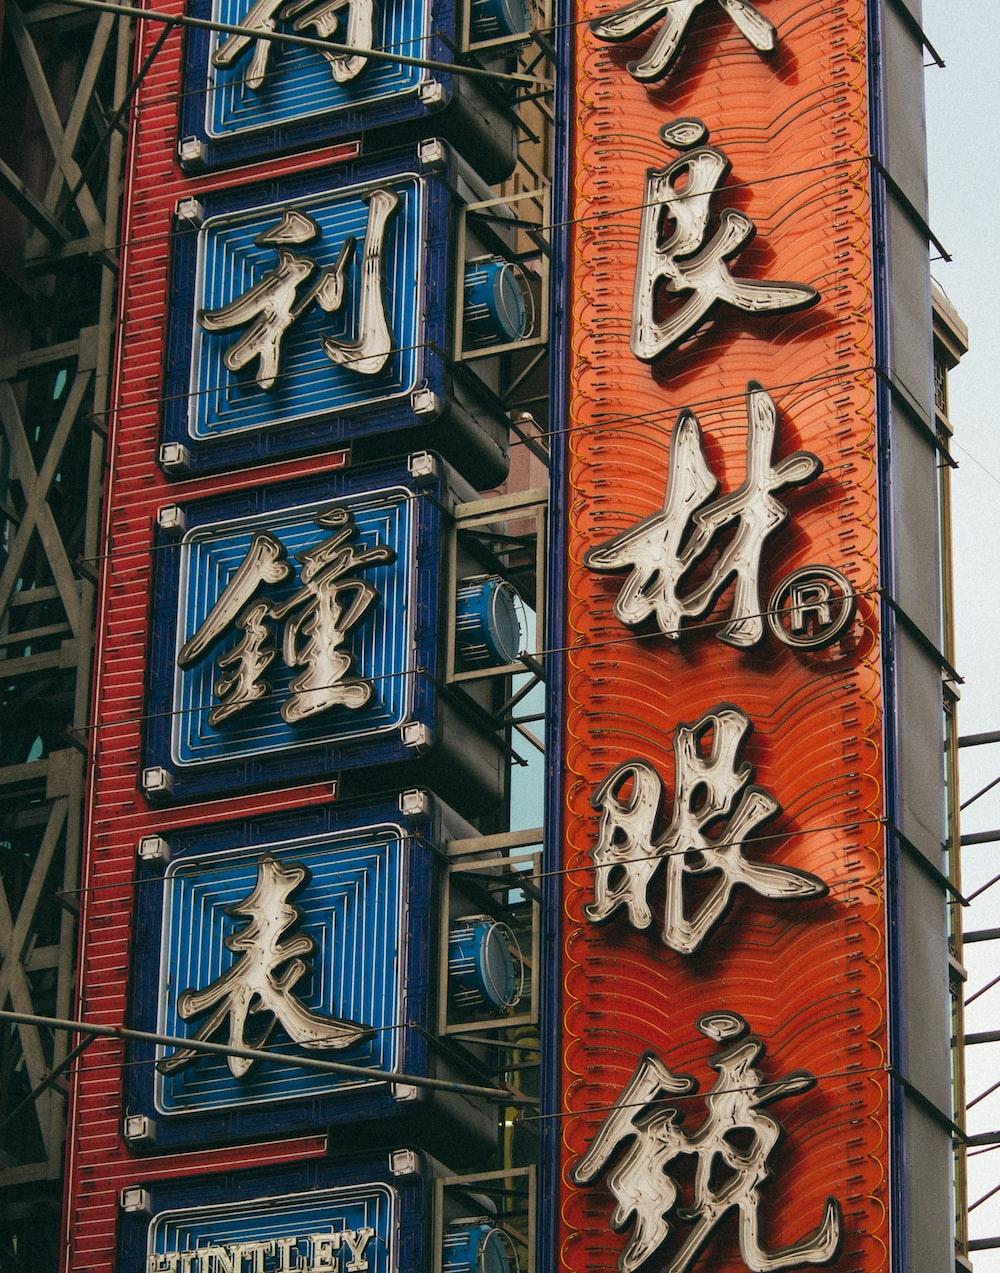 kanji text signage